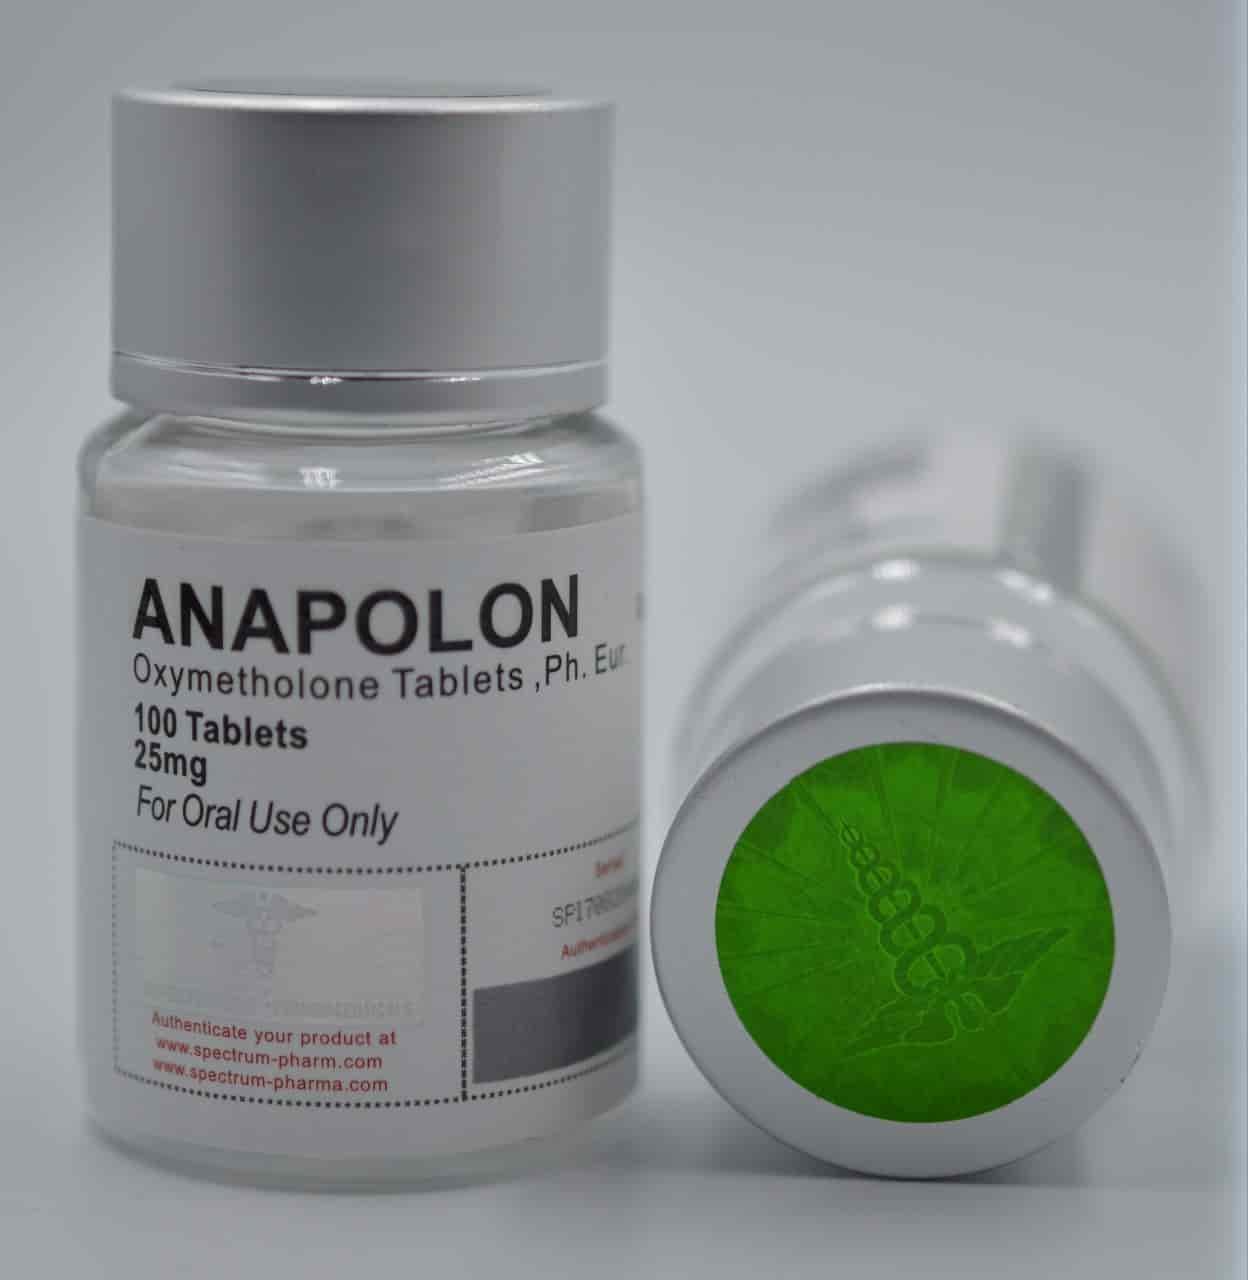 Anapolon 25mg pills Spectrum Pharma USA domestic